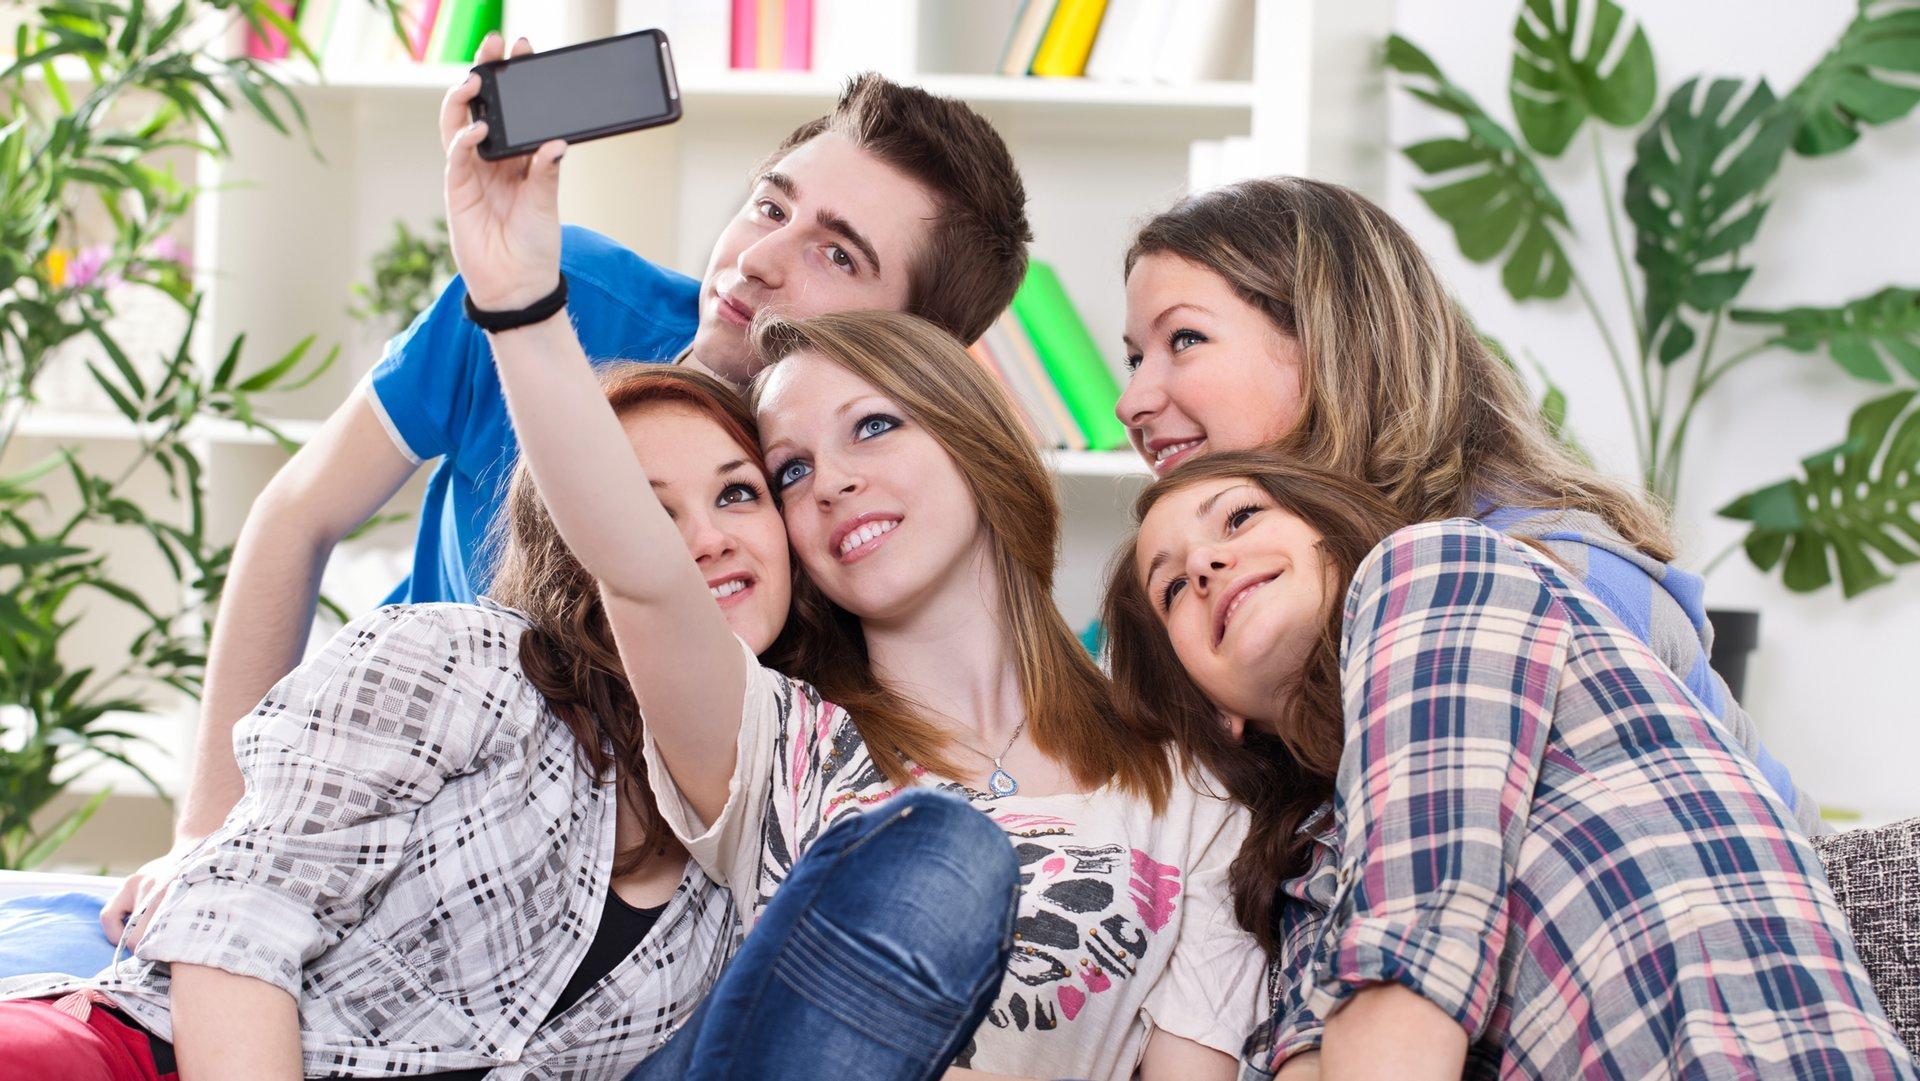 teen-selfie-ss-1920